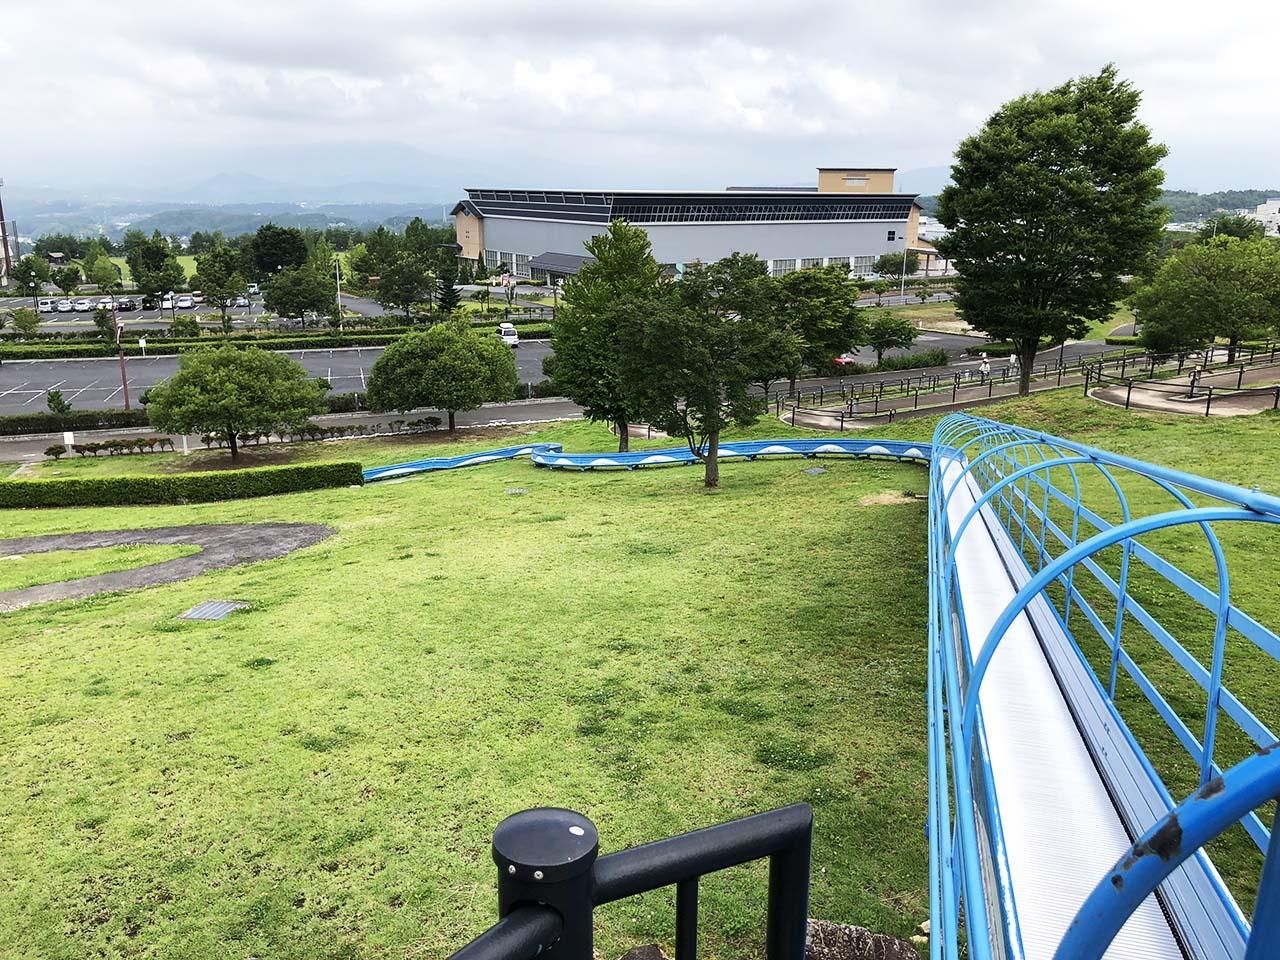 子供と遊ぶ公園中津川市の中津川公園の遊具広場ローラー滑り台2